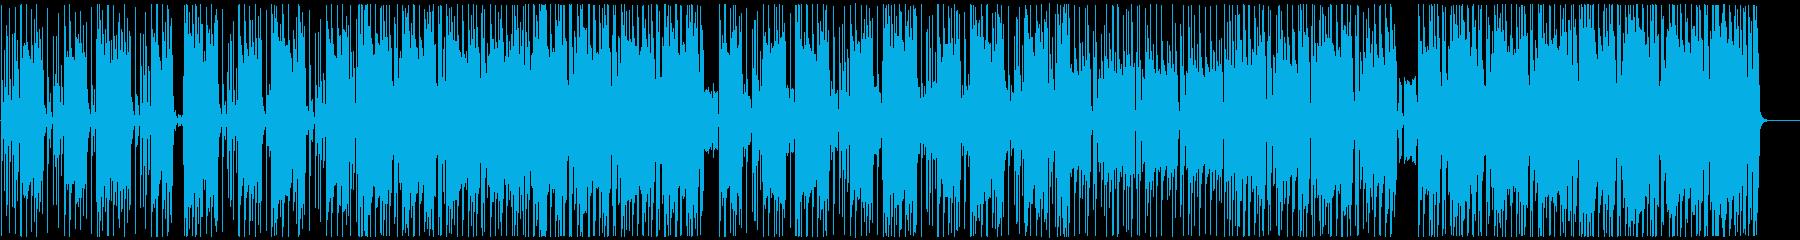 ポップオルタナティブインストバウン...の再生済みの波形